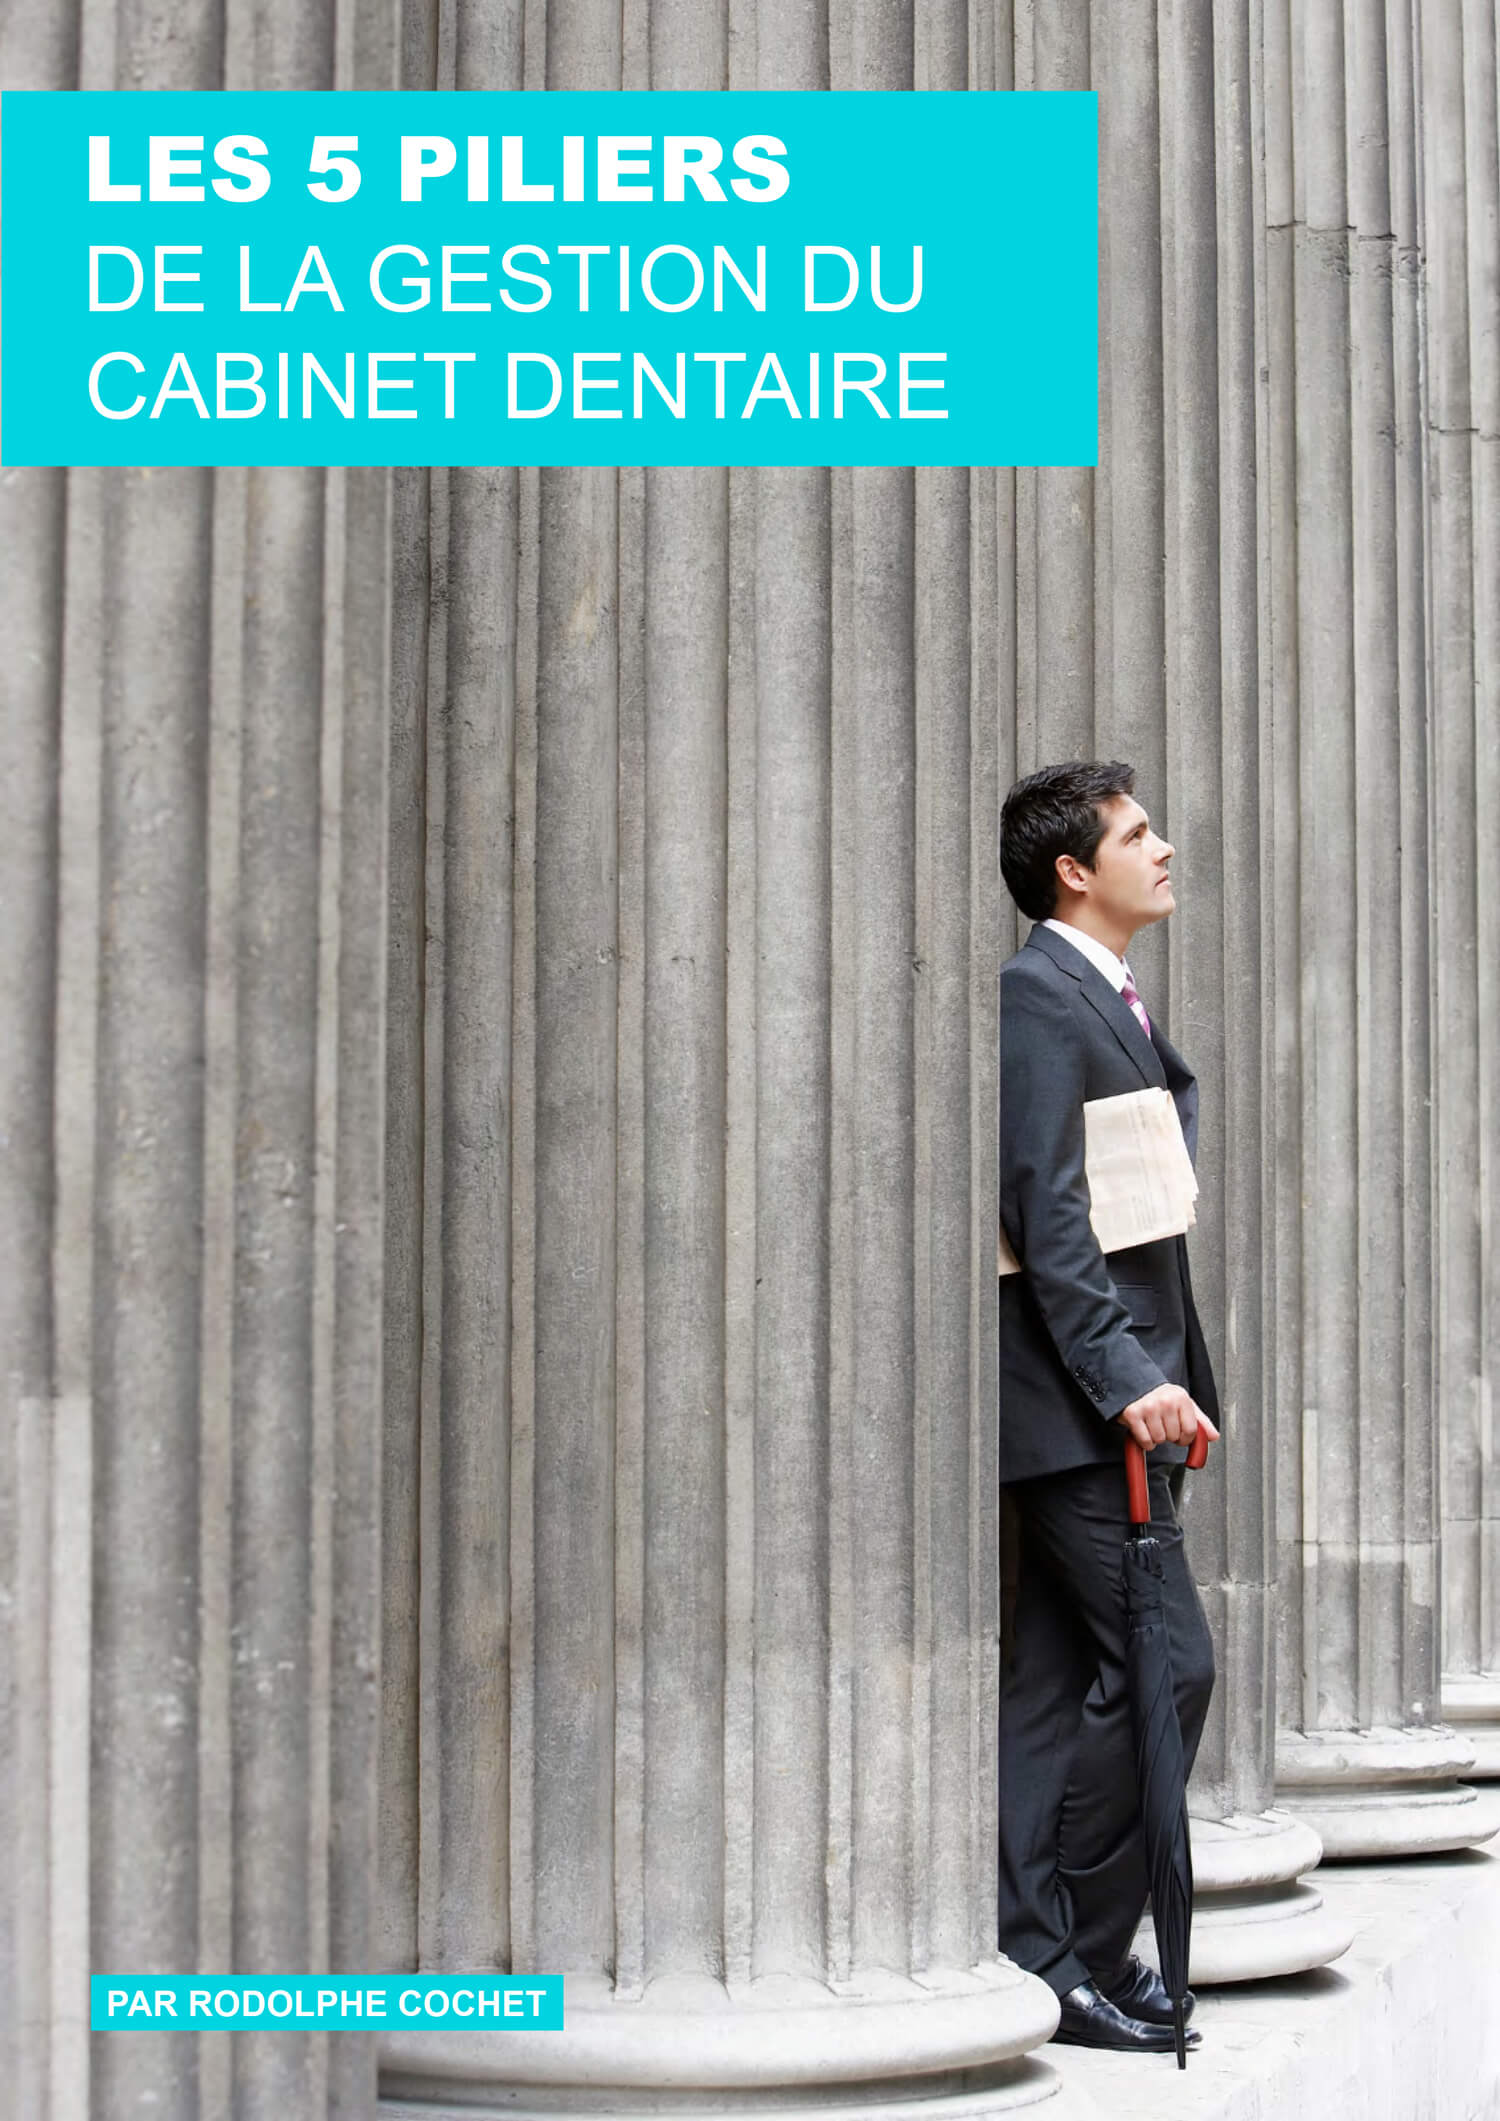 Les-5-piliers-de-la-gestion-du-cabinet-dentaire-par-Rodolphe-Cochet.jpg